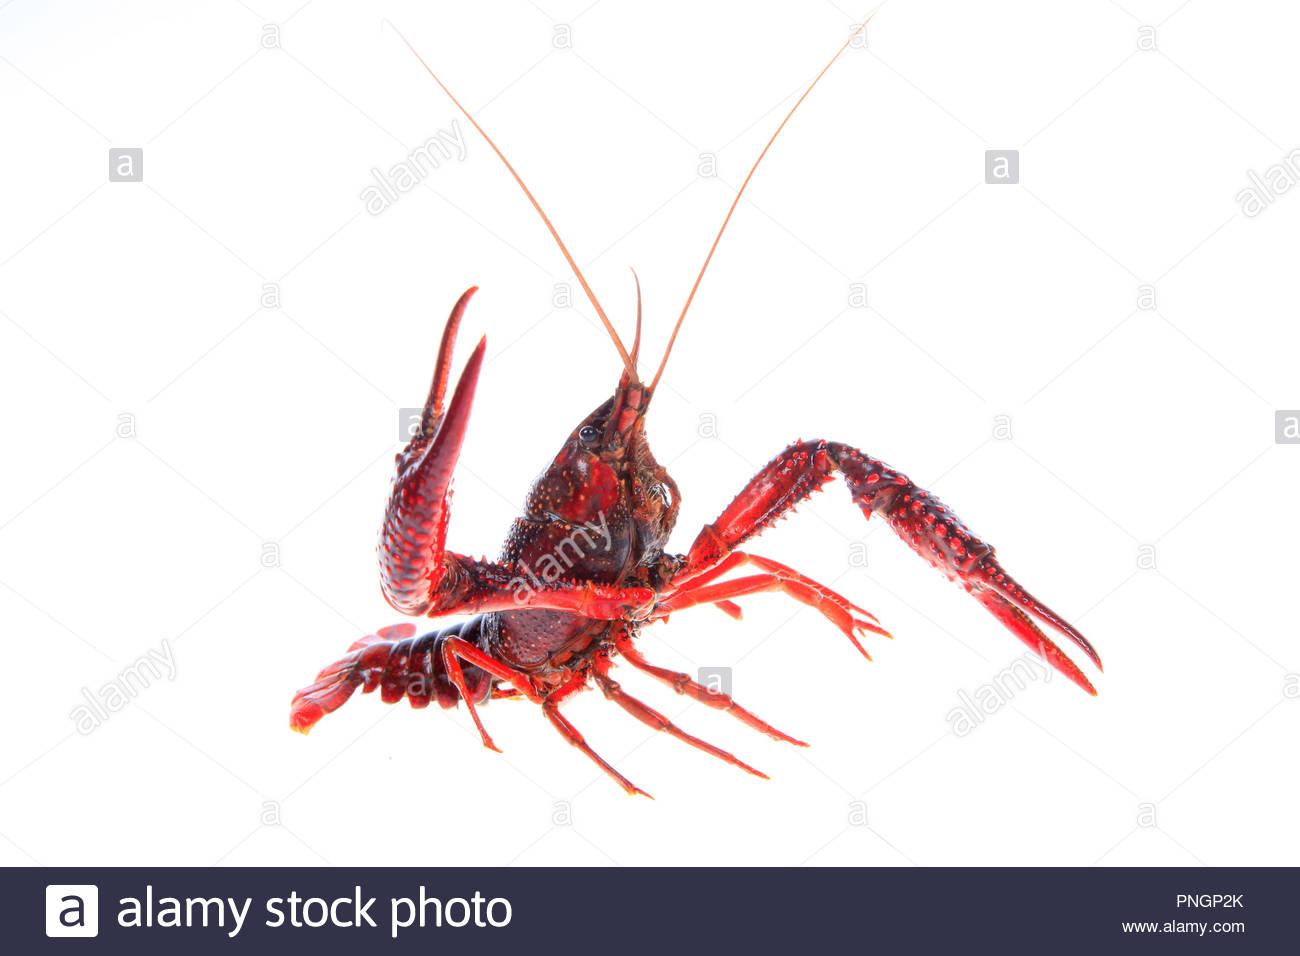 Crawfish white background close up Stock Photo 219800747   Alamy 1300x956